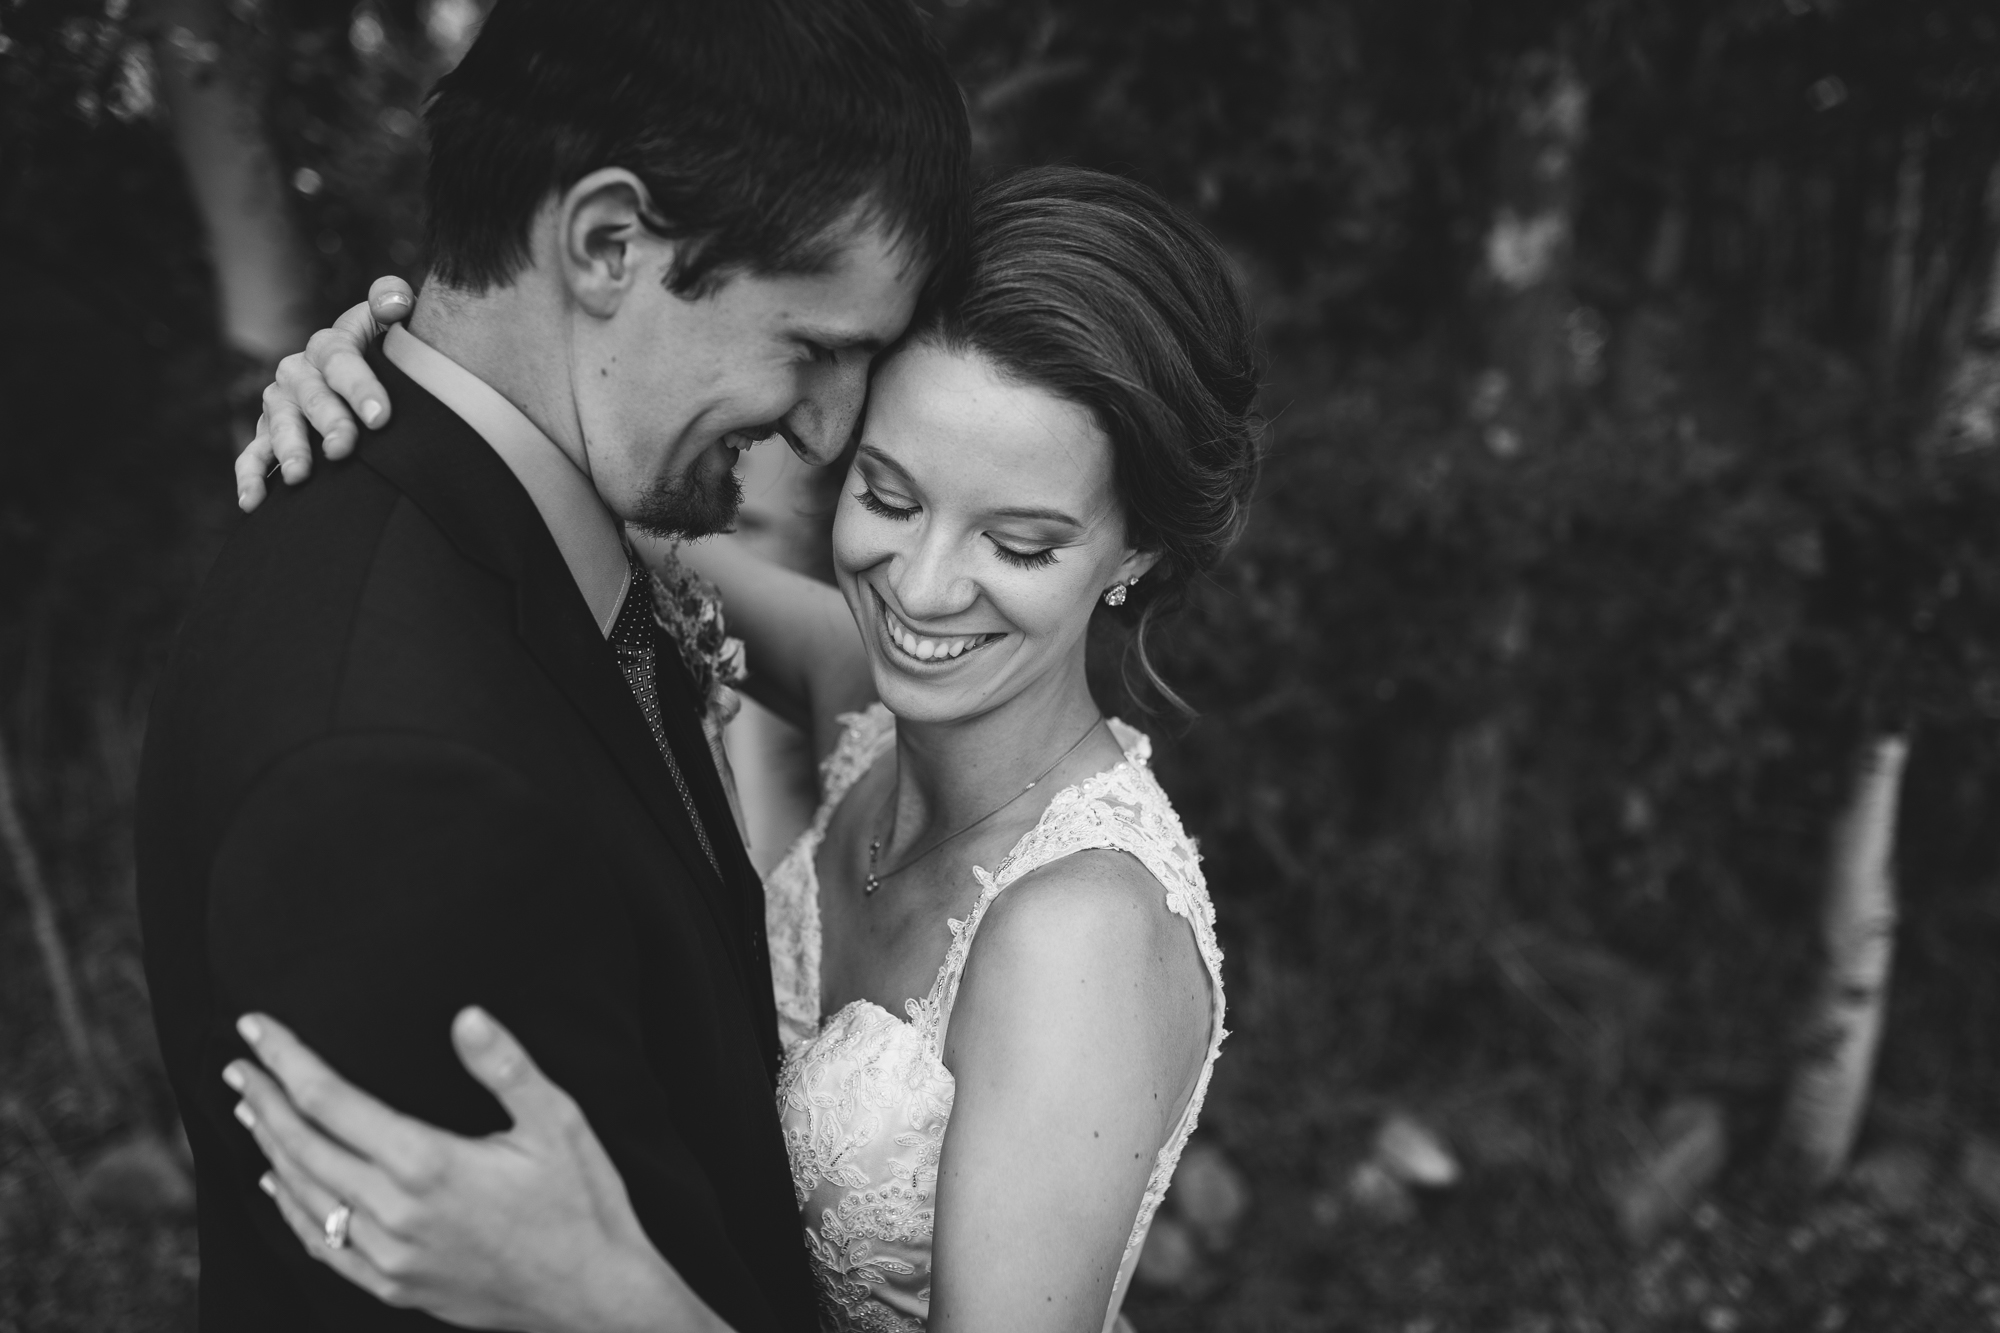 Deanna-Rachel-Photography-calgary-Wedding-photographer-jm-66.jpg